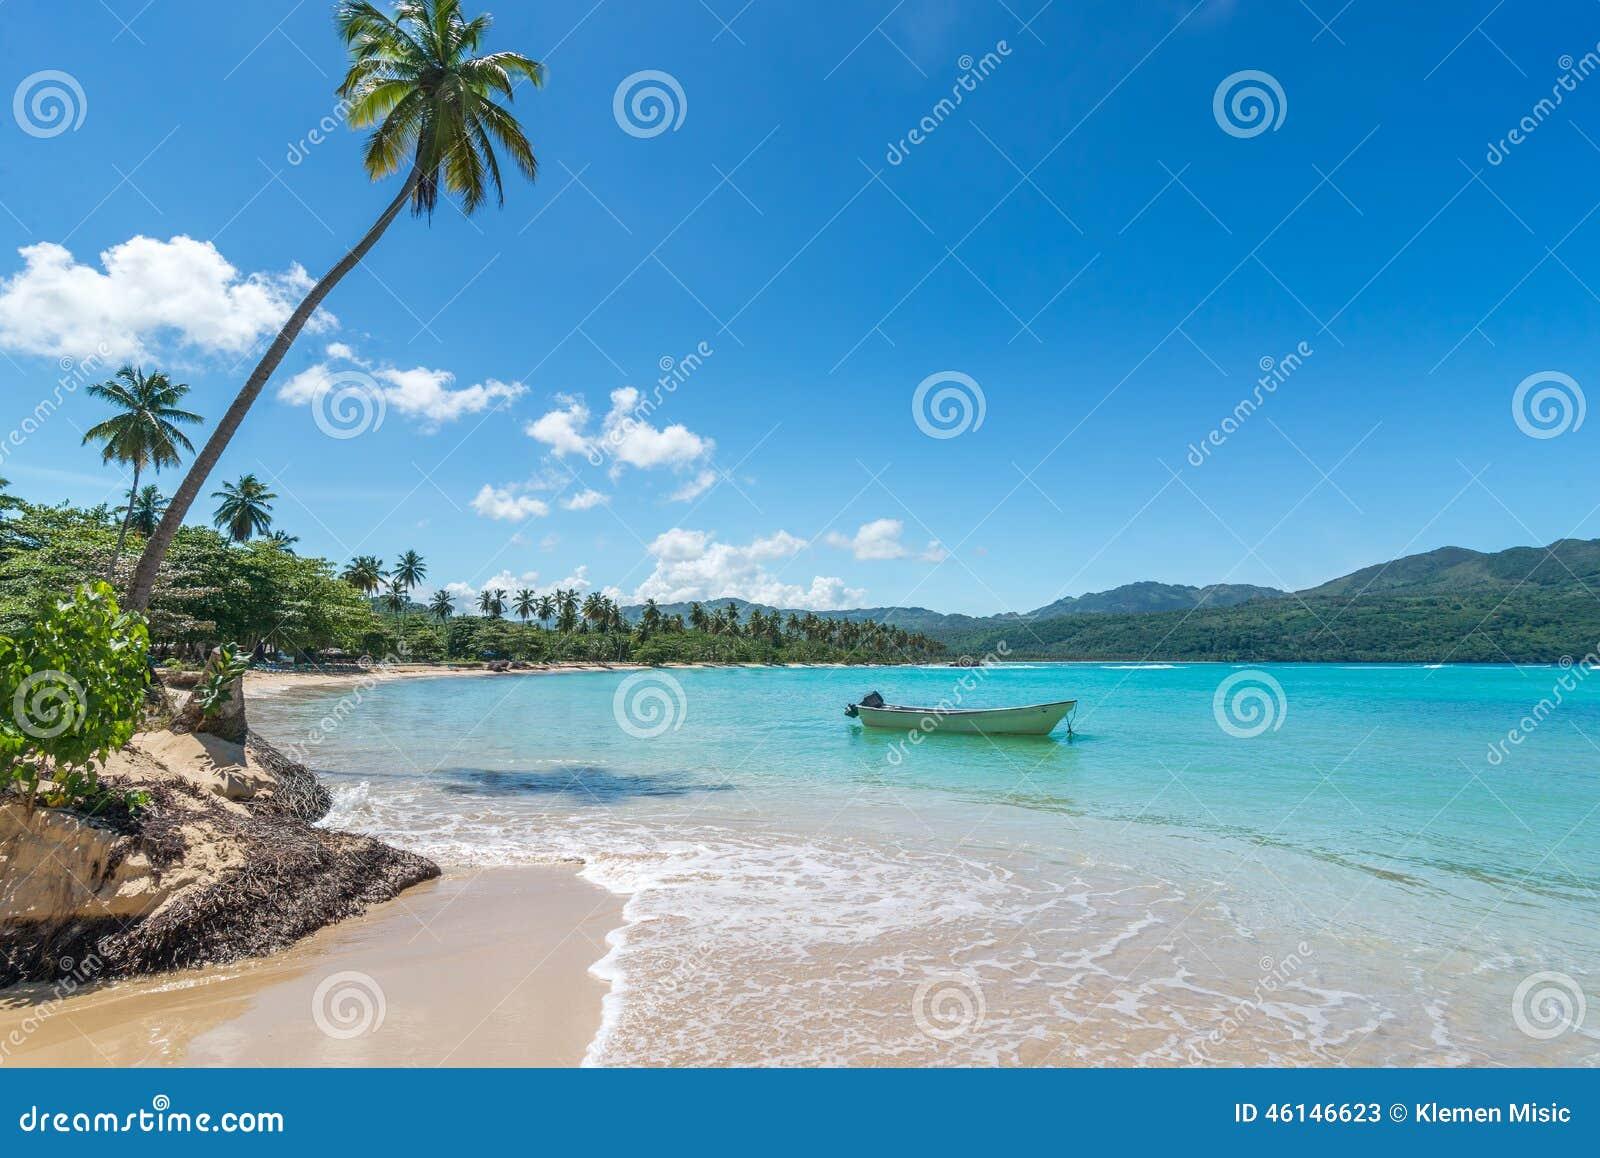 Fartyg på det karibiska havet för turkos, Playa Rincon, Dominikanska republiken, semester, ferier, palmträd, strand